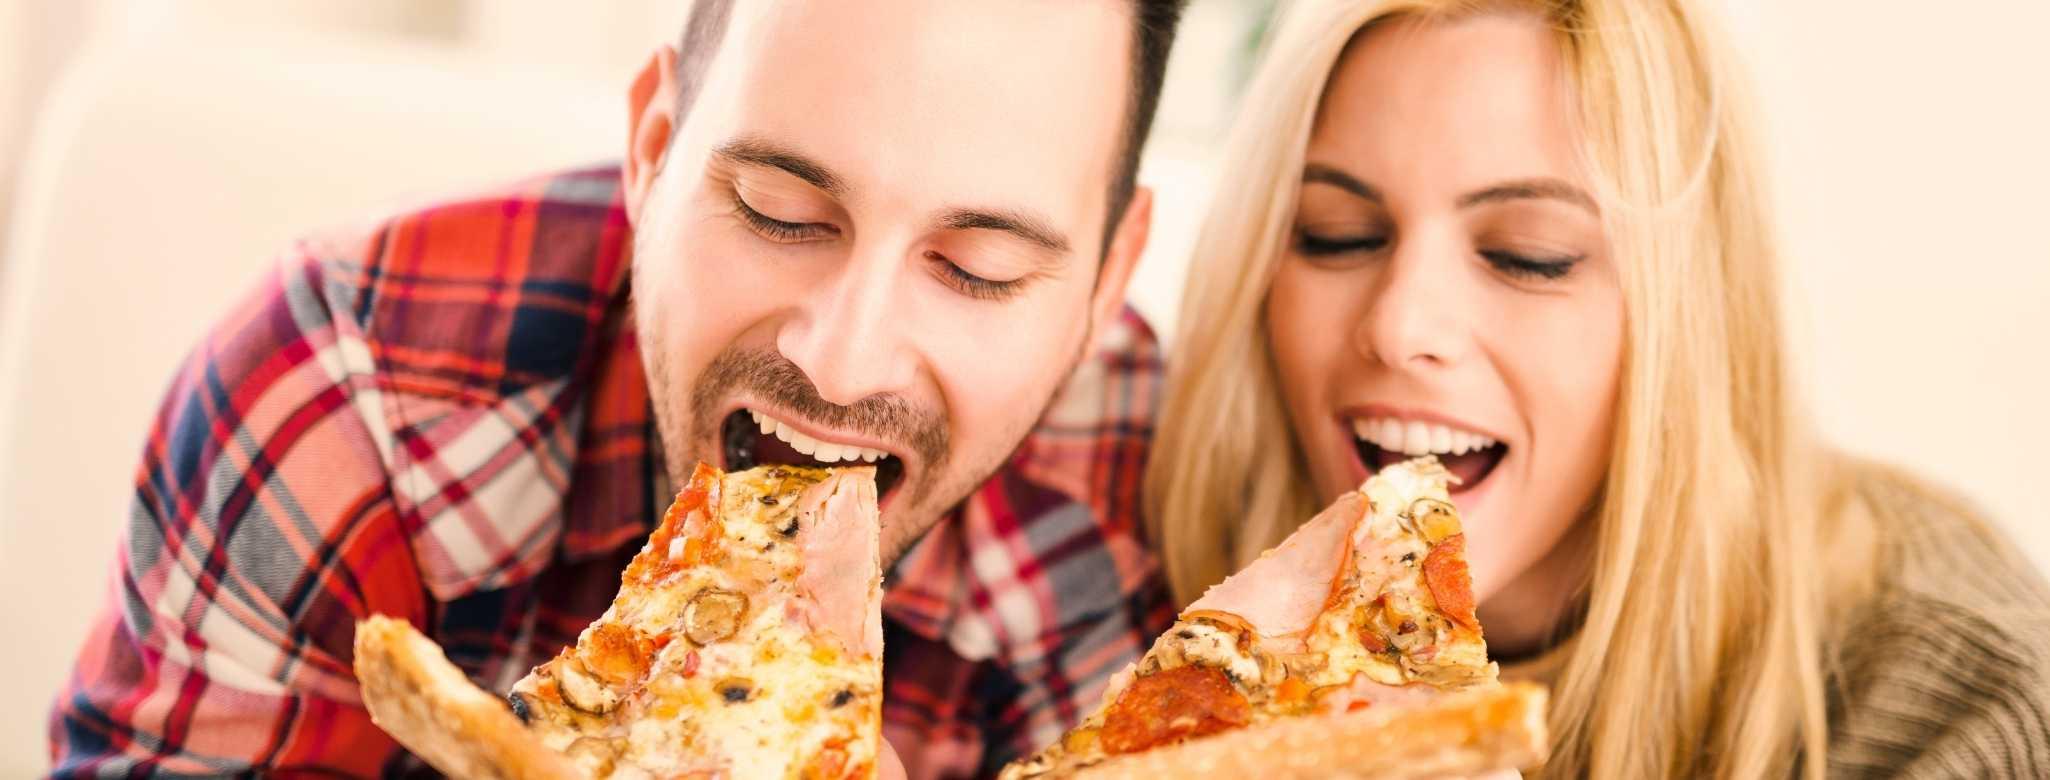 Essen = Lebensqualität?